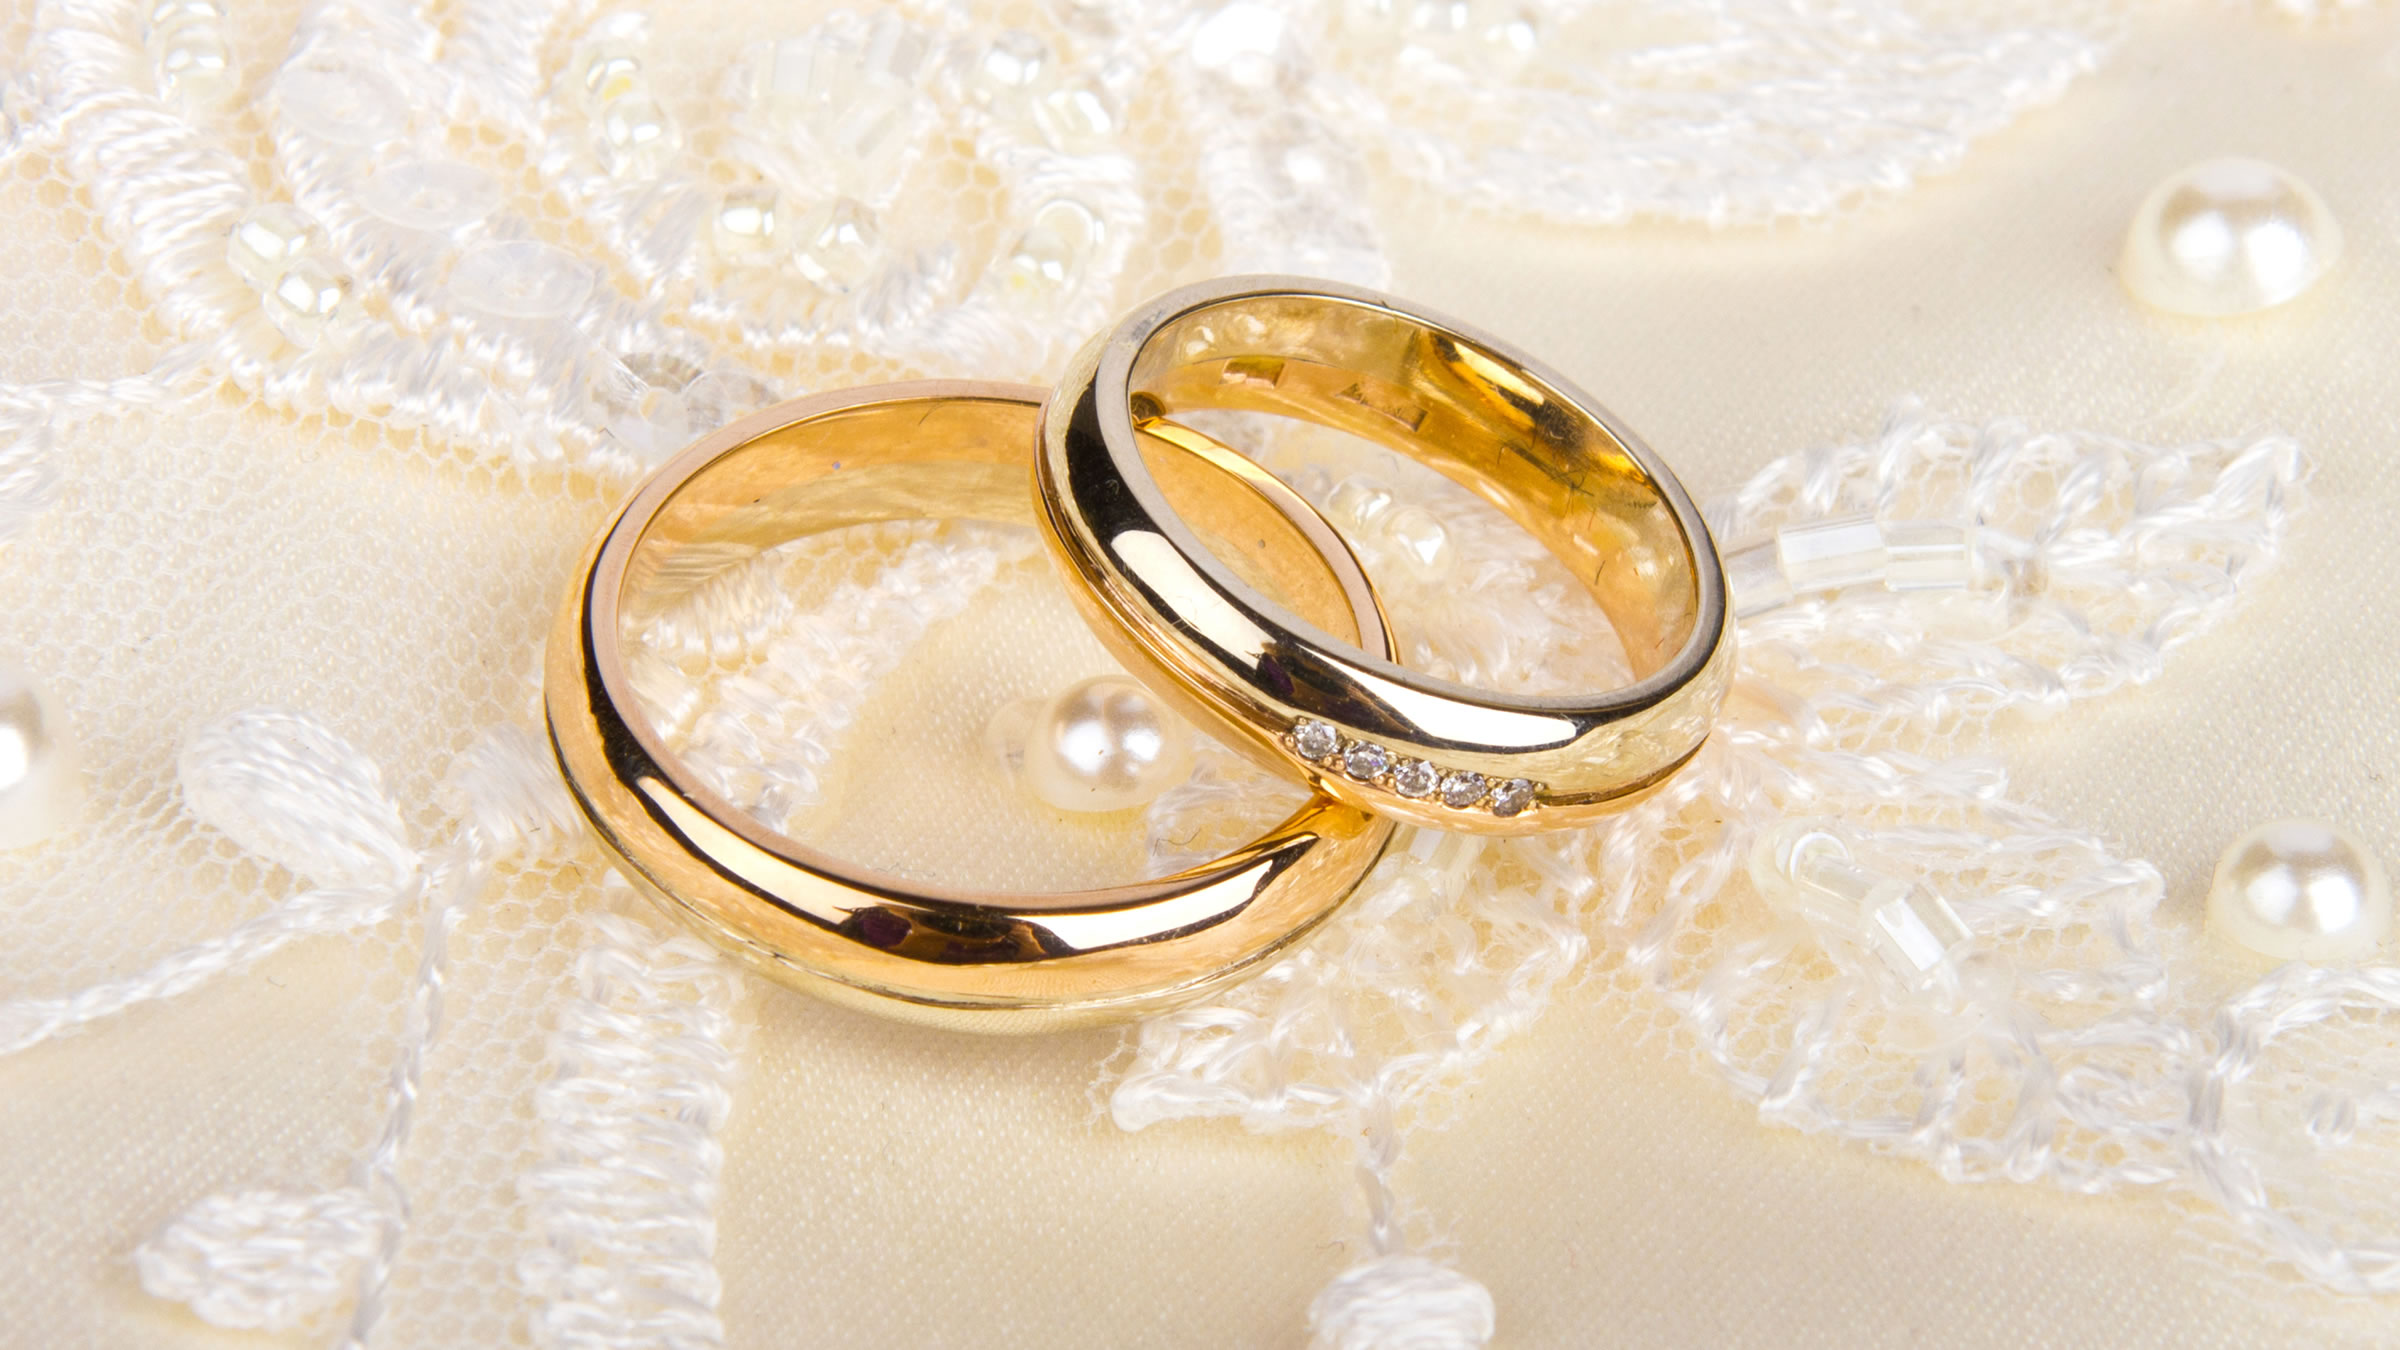 Matrimonio In Economia : Kate upton e justin verlander matrimonio in italia